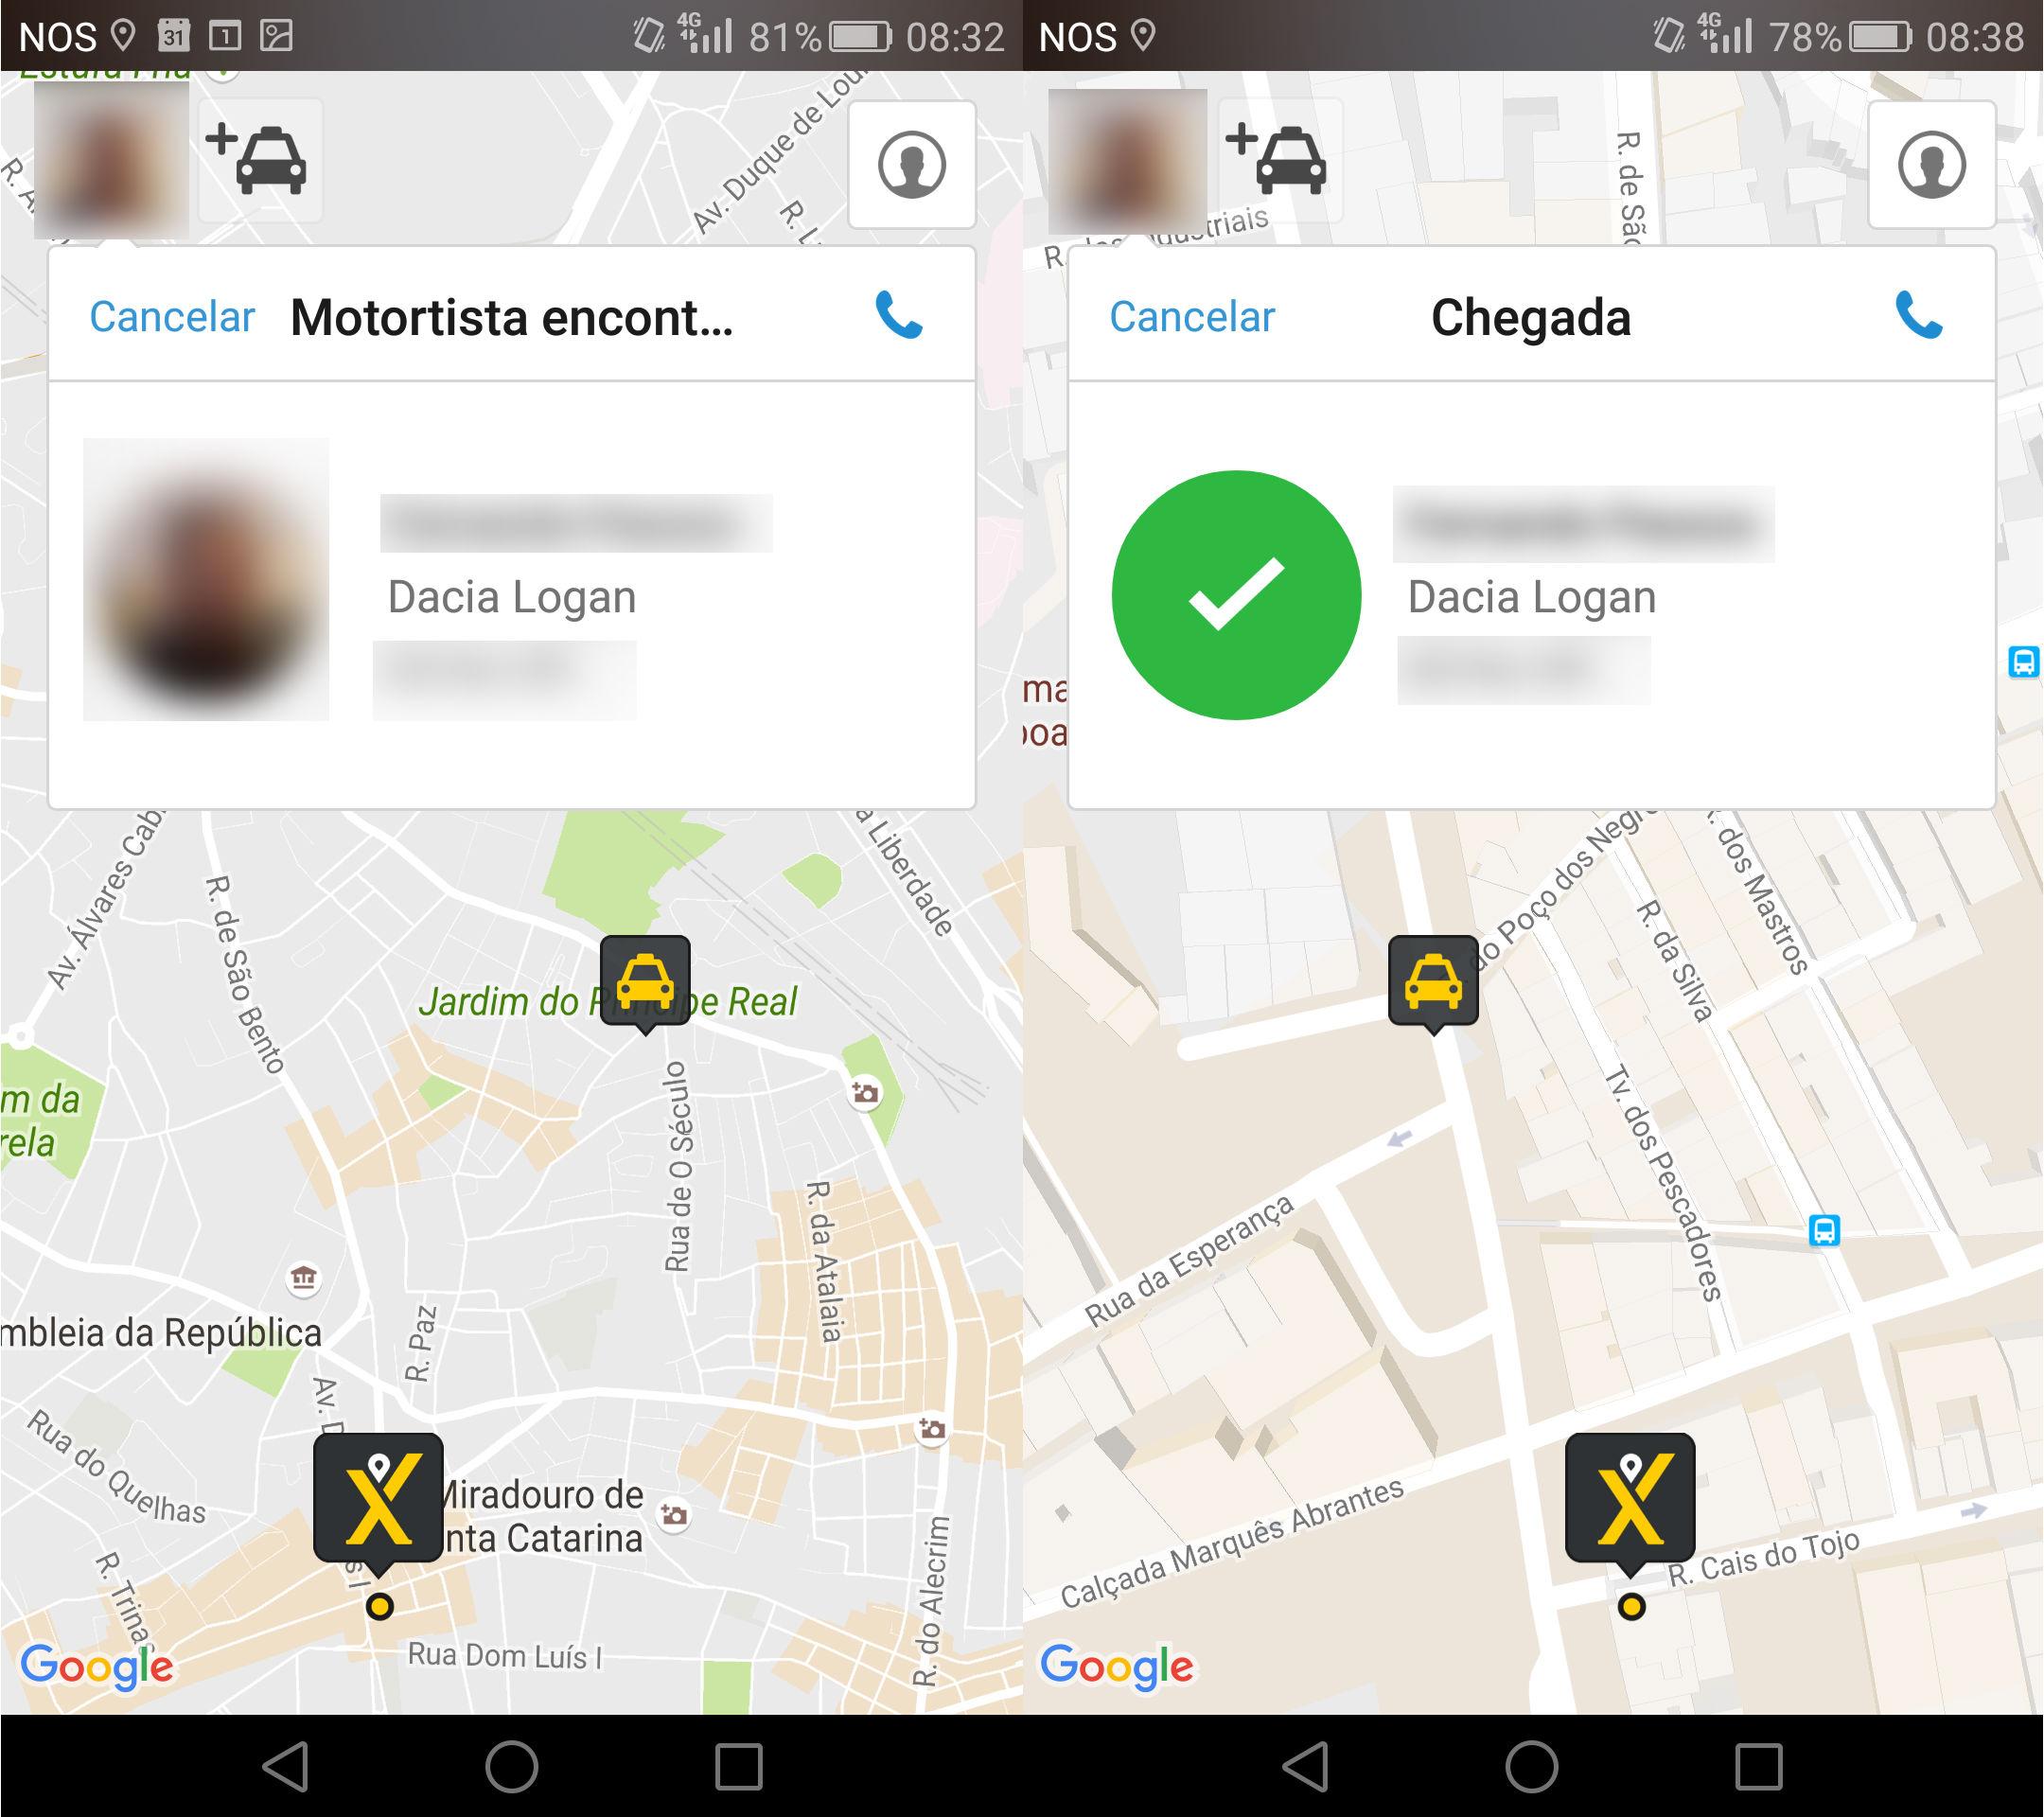 O momento em que a aplicação encontrou um taxista, e a chegada deste a Santos